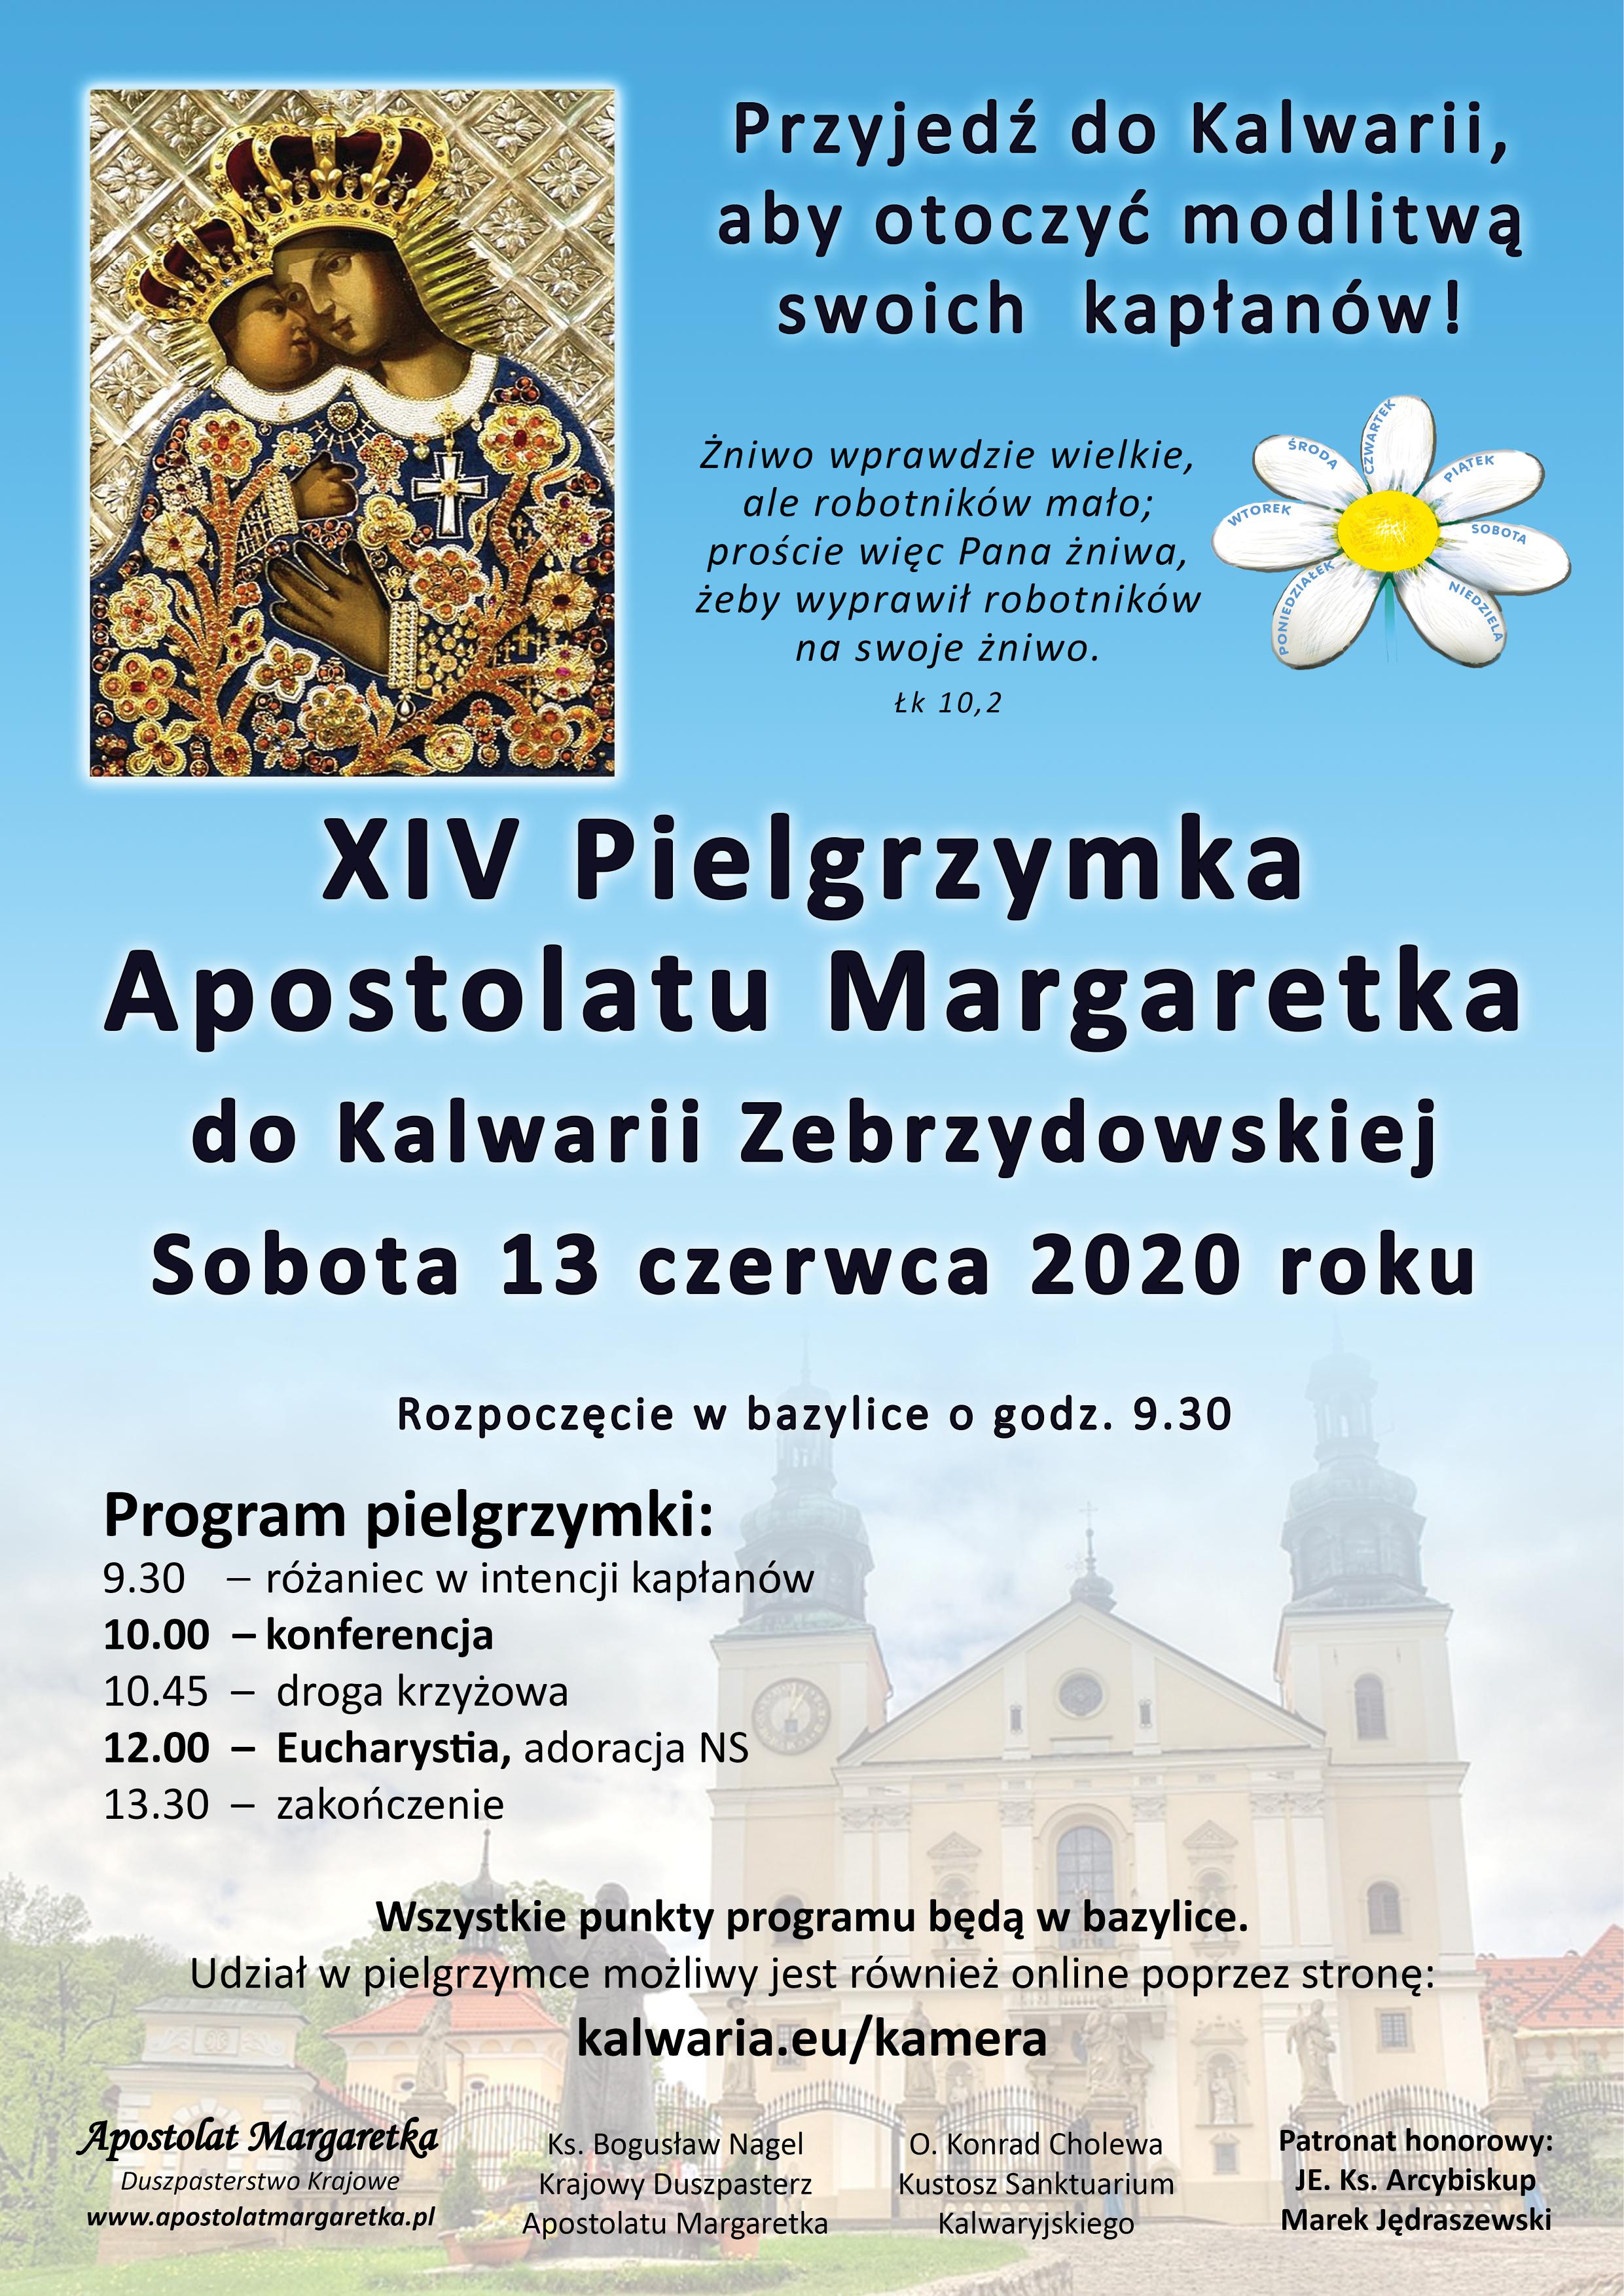 XIV Pielgrzymka Apostolatu Margaretka do Kalwarii Zebrzydowskiej